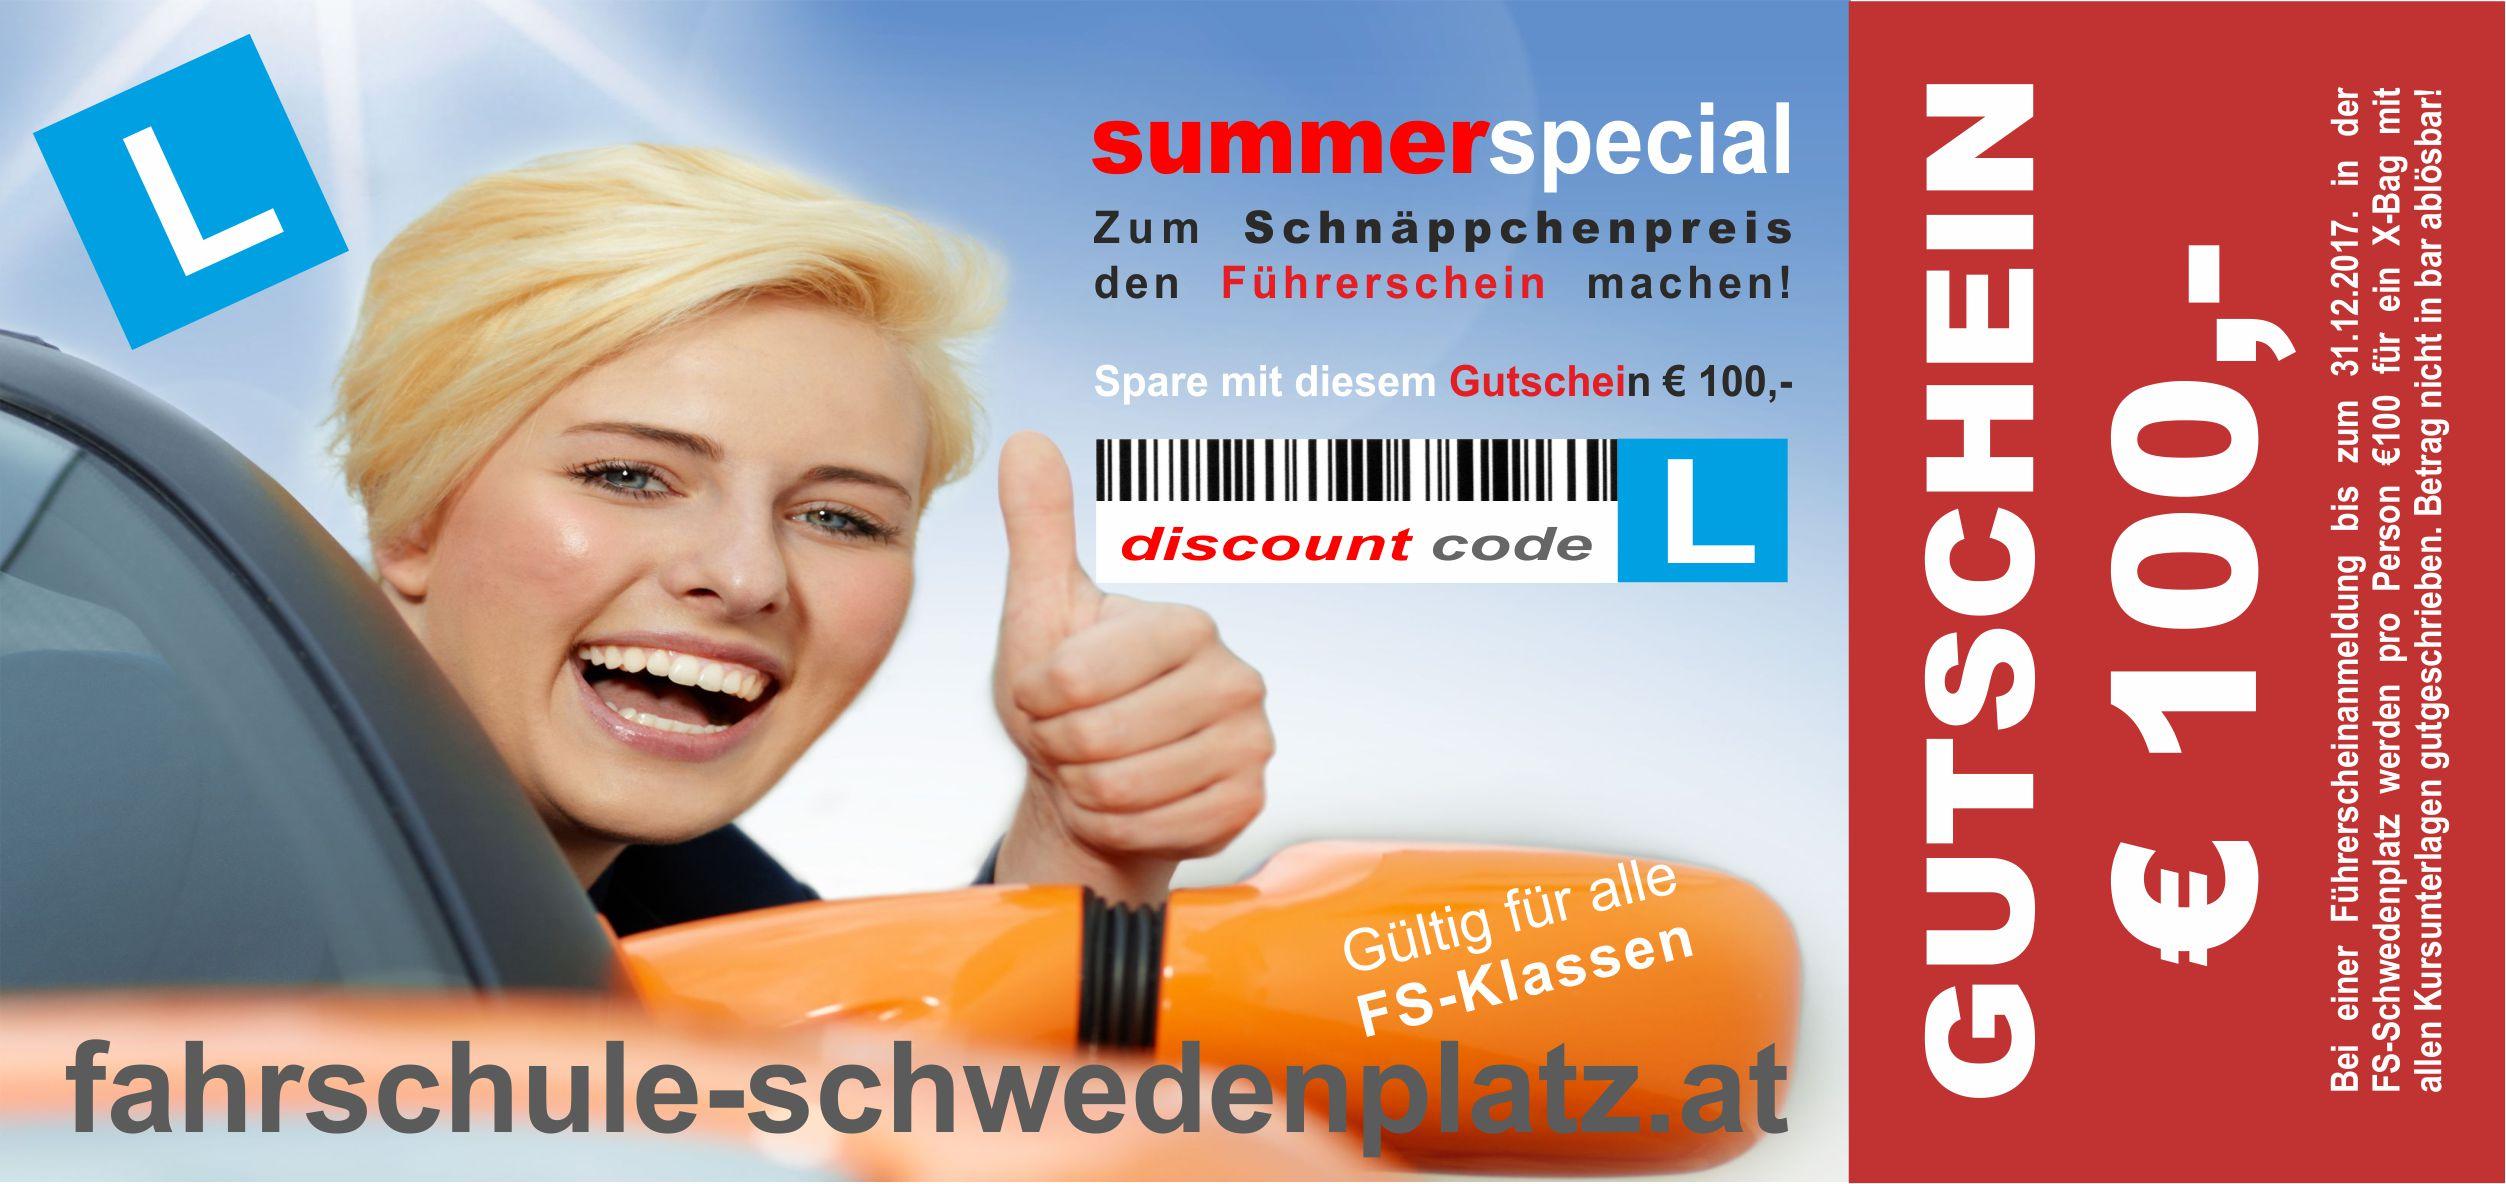 Sommer FSSP website (1).jpg